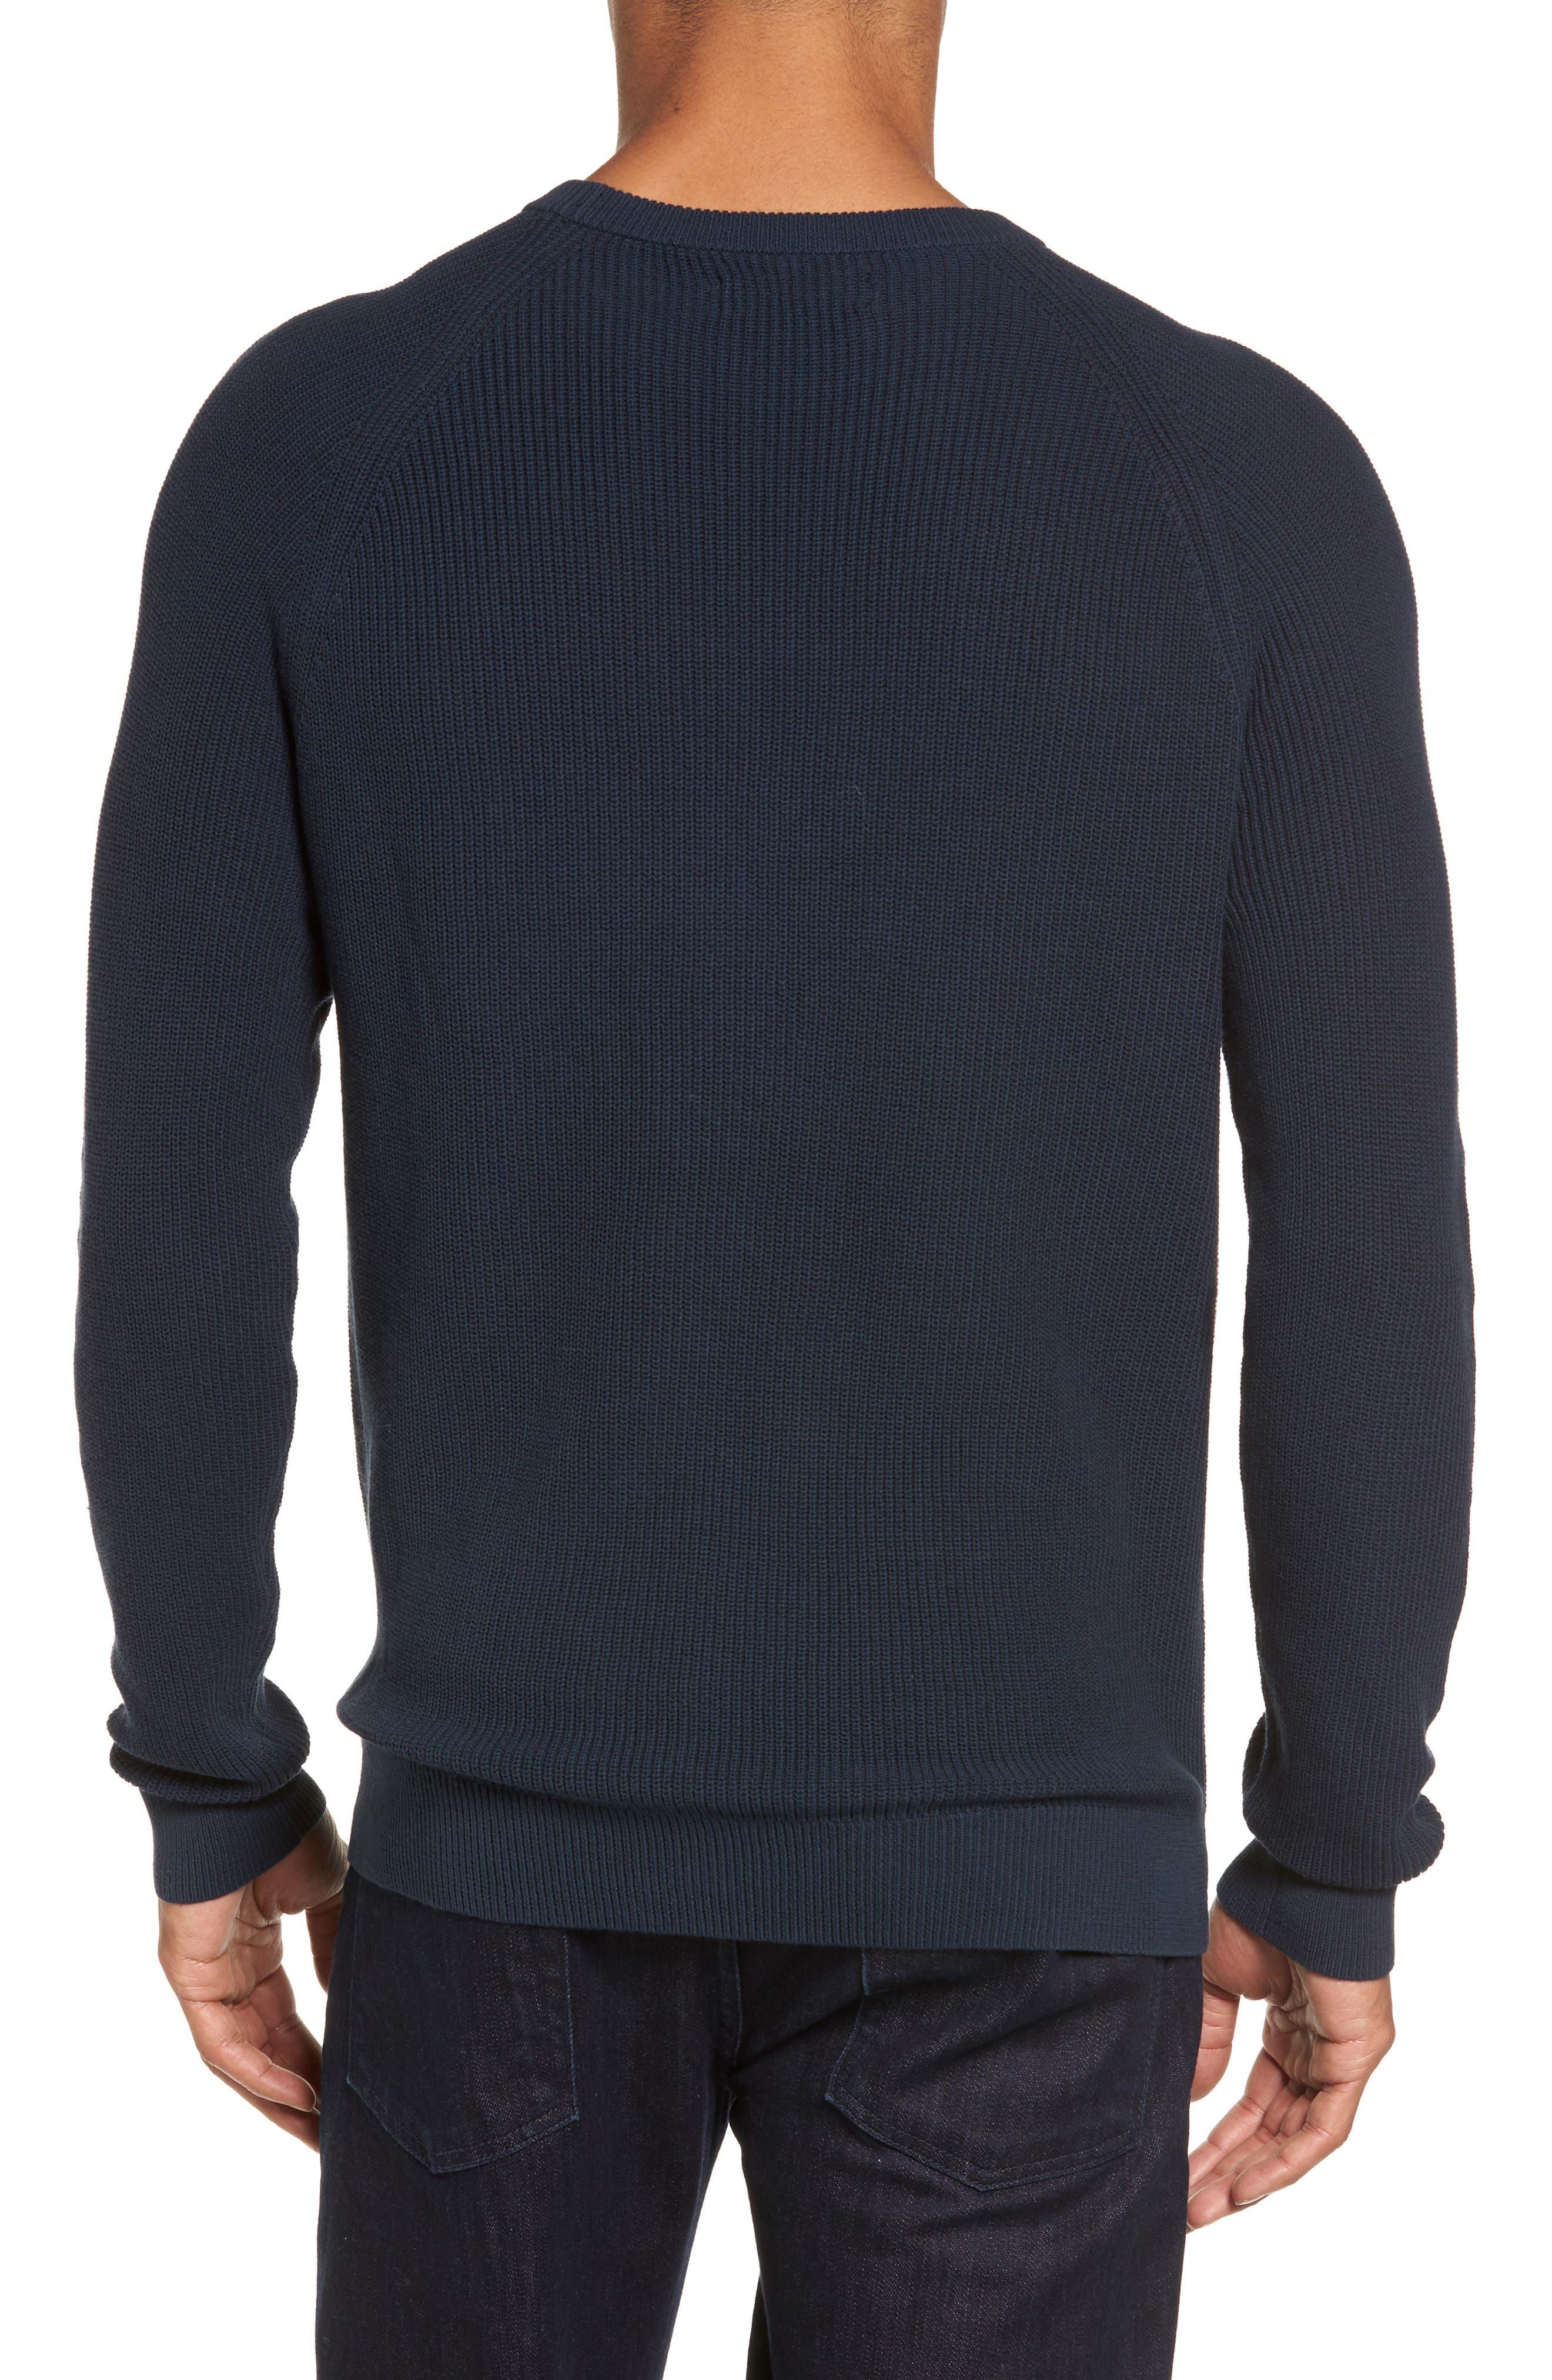 Alternate Image 2  - Nordstrom Men's Shop Crewneck Sweater (Regular)